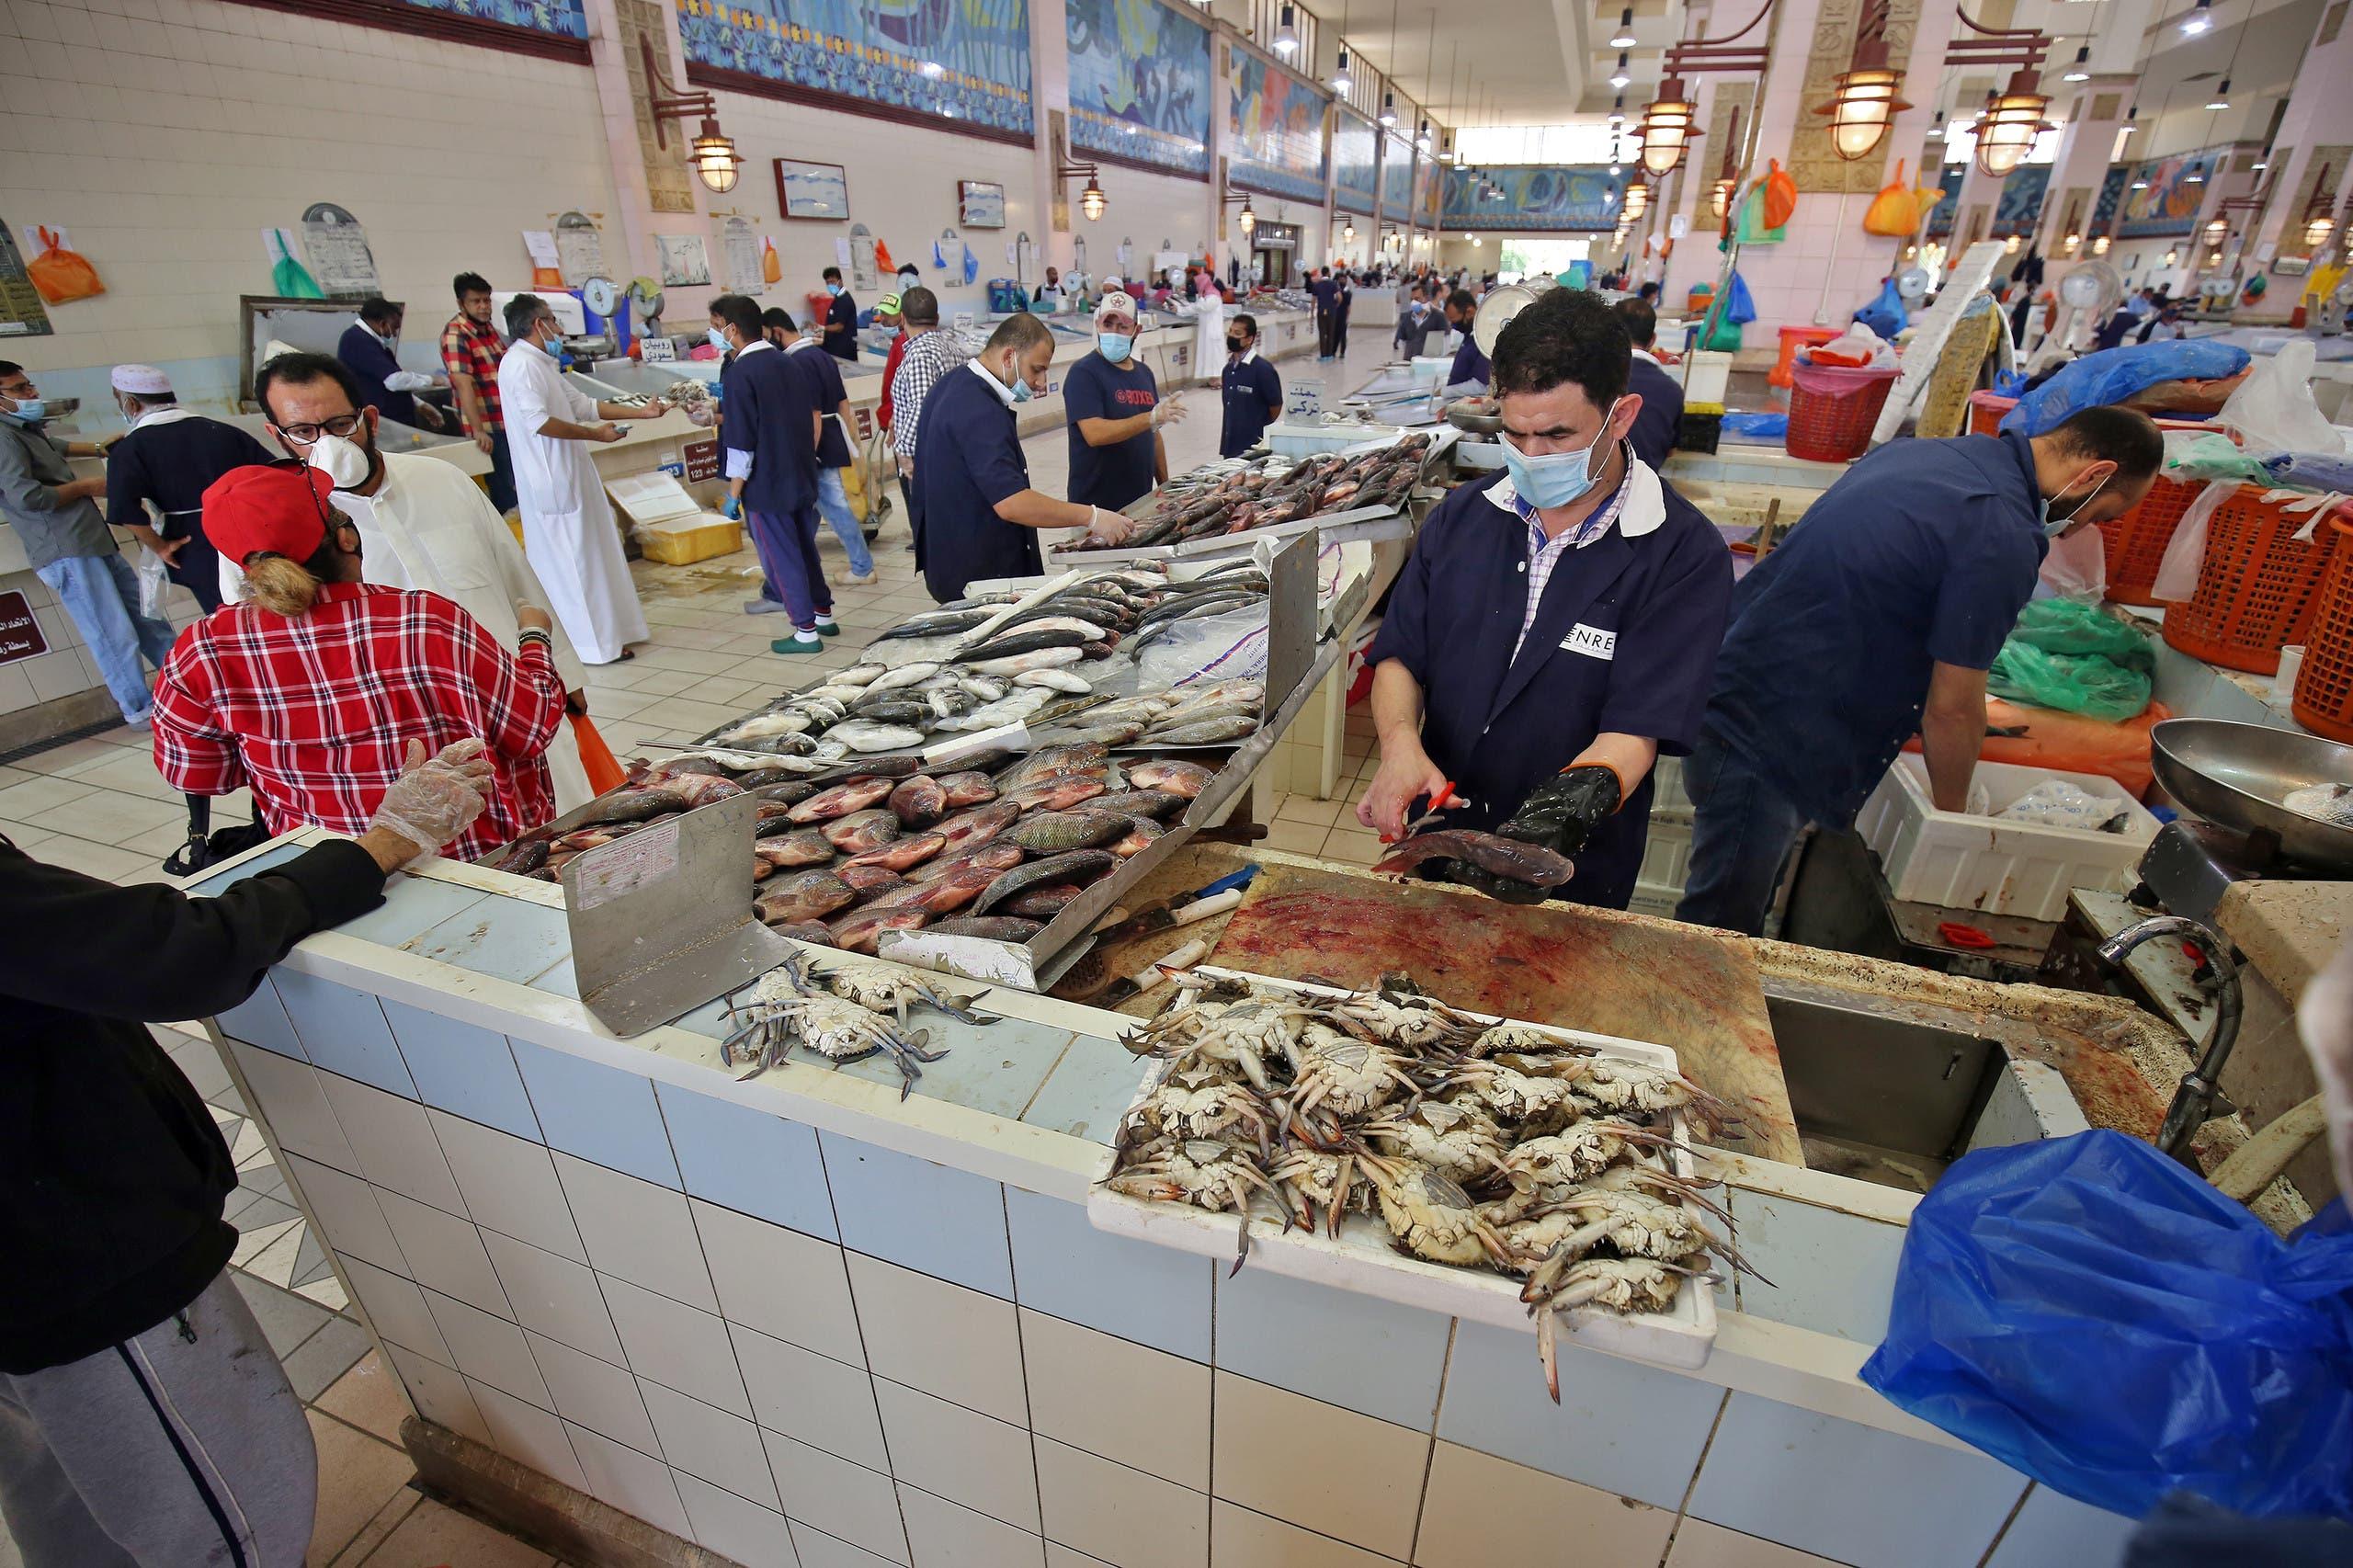 كمامات للوقاية من كورونا داخل سوق للأسماك في الكويت